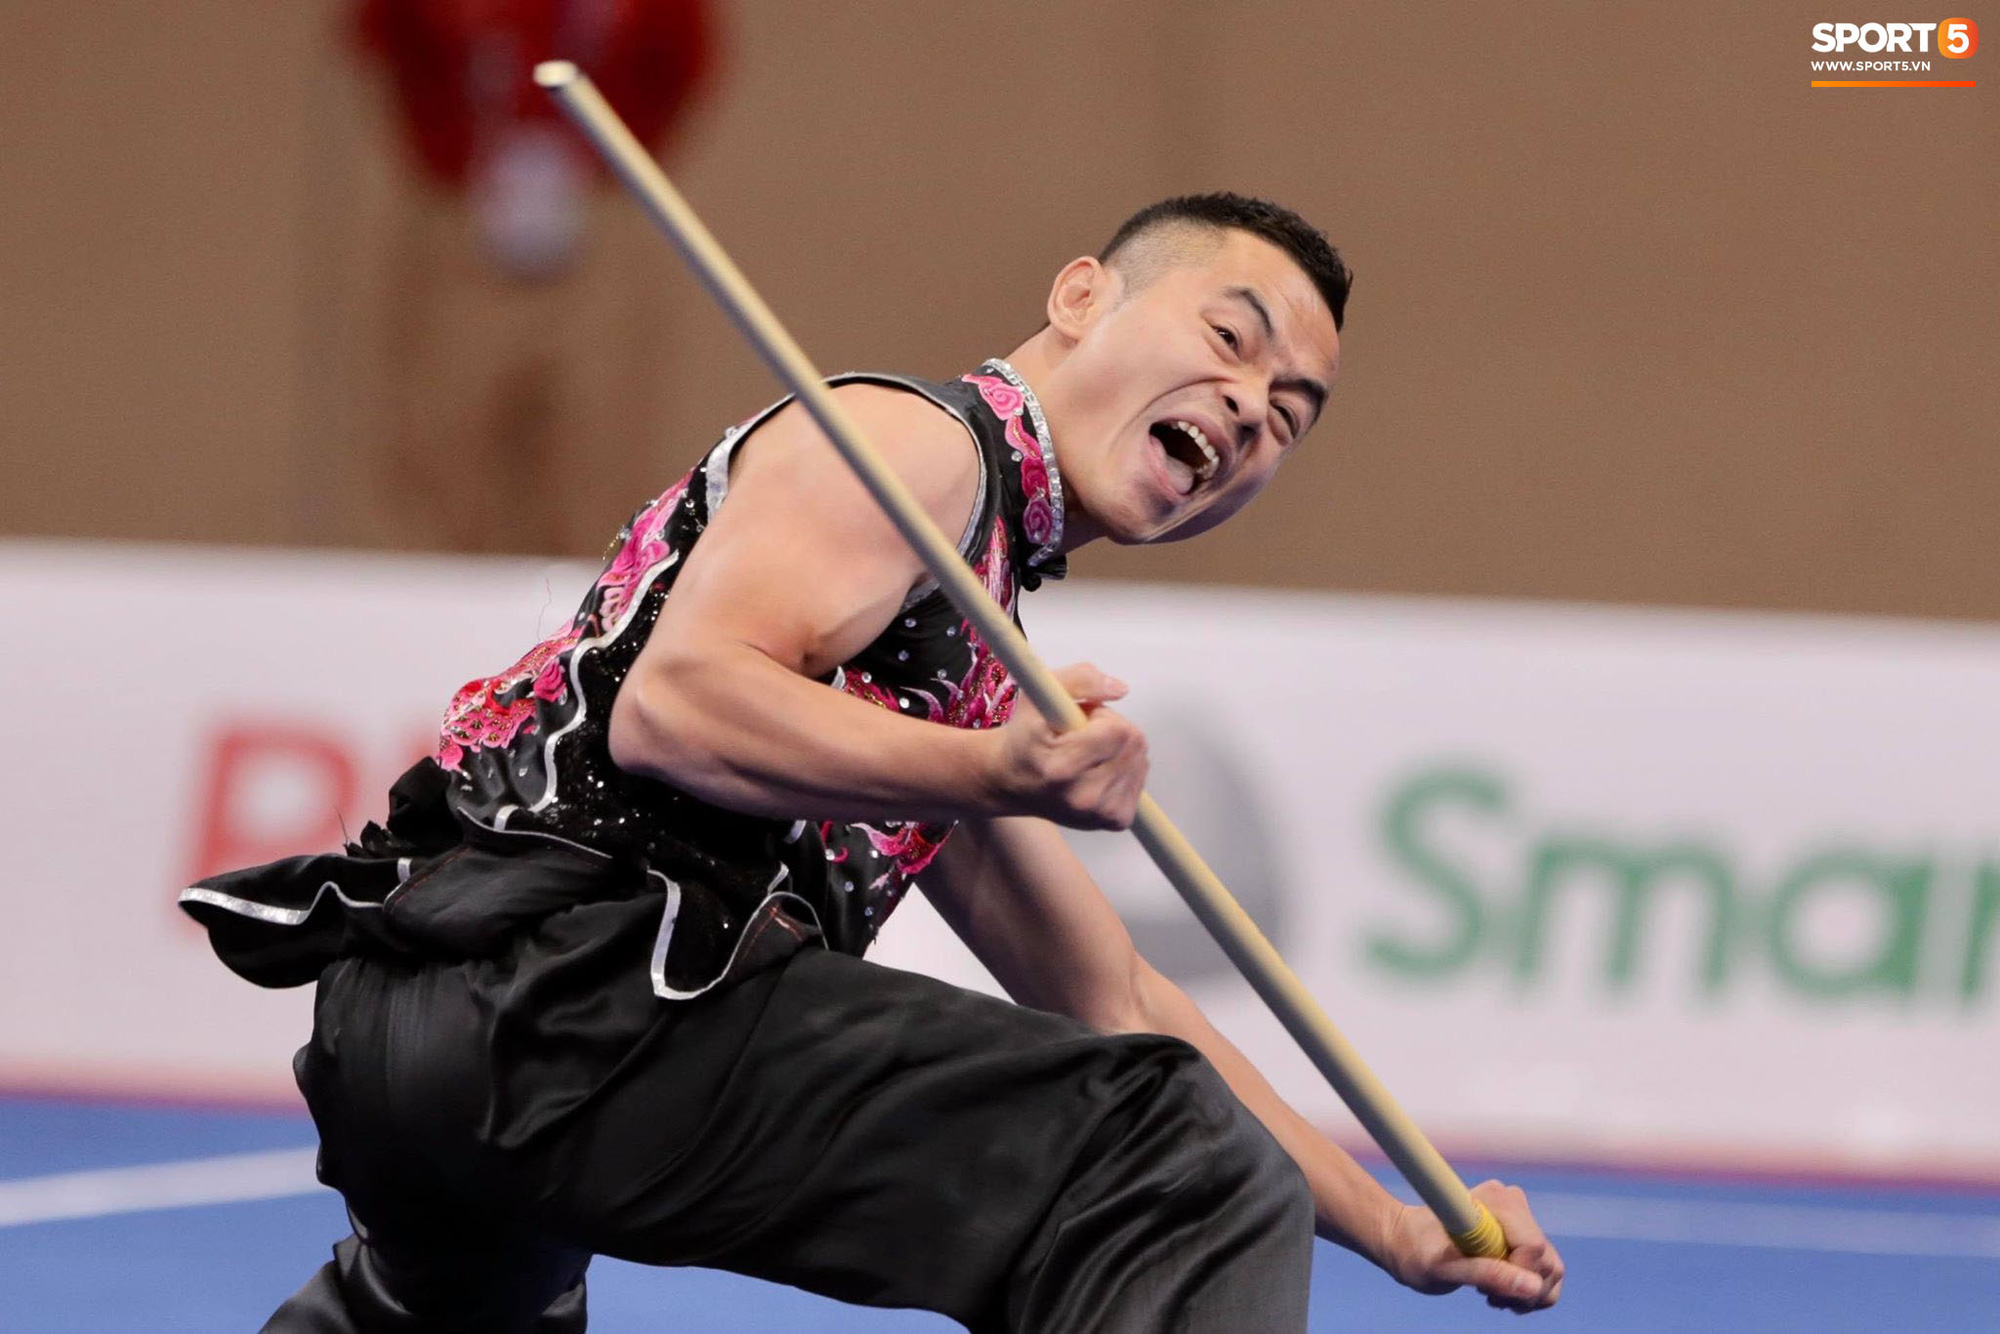 SEA Games 30 ngày 2/12: Thái Lan giúp tuyển nữ Việt Nam vào bán kết ở ngôi nhất bảng - Ảnh 28.